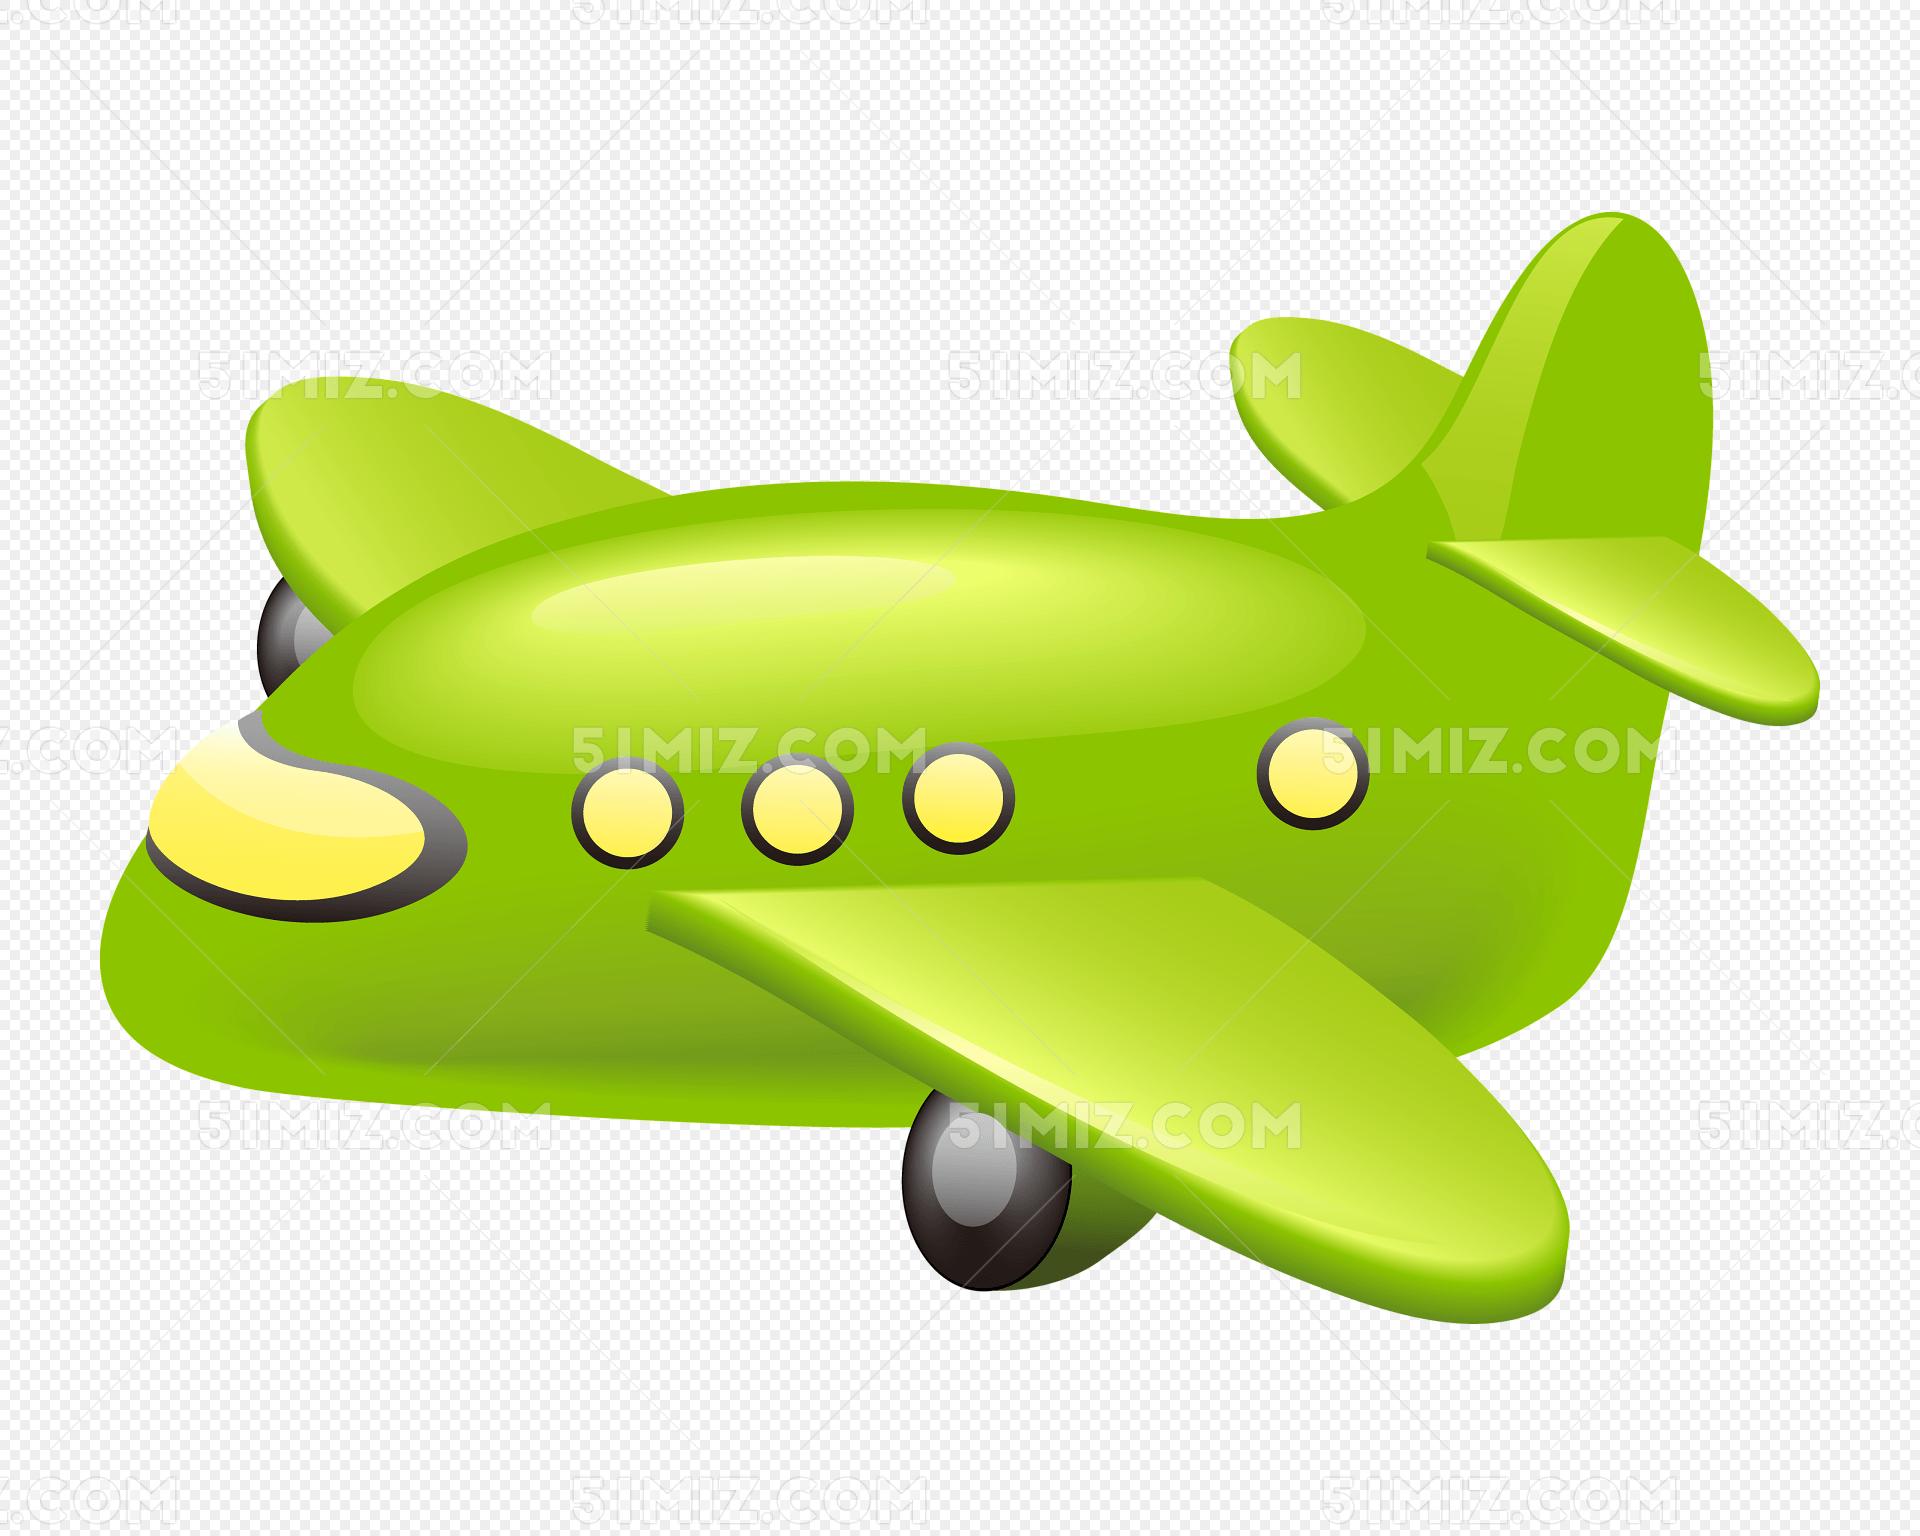 卡通汽车飞机交通工具矢量素材